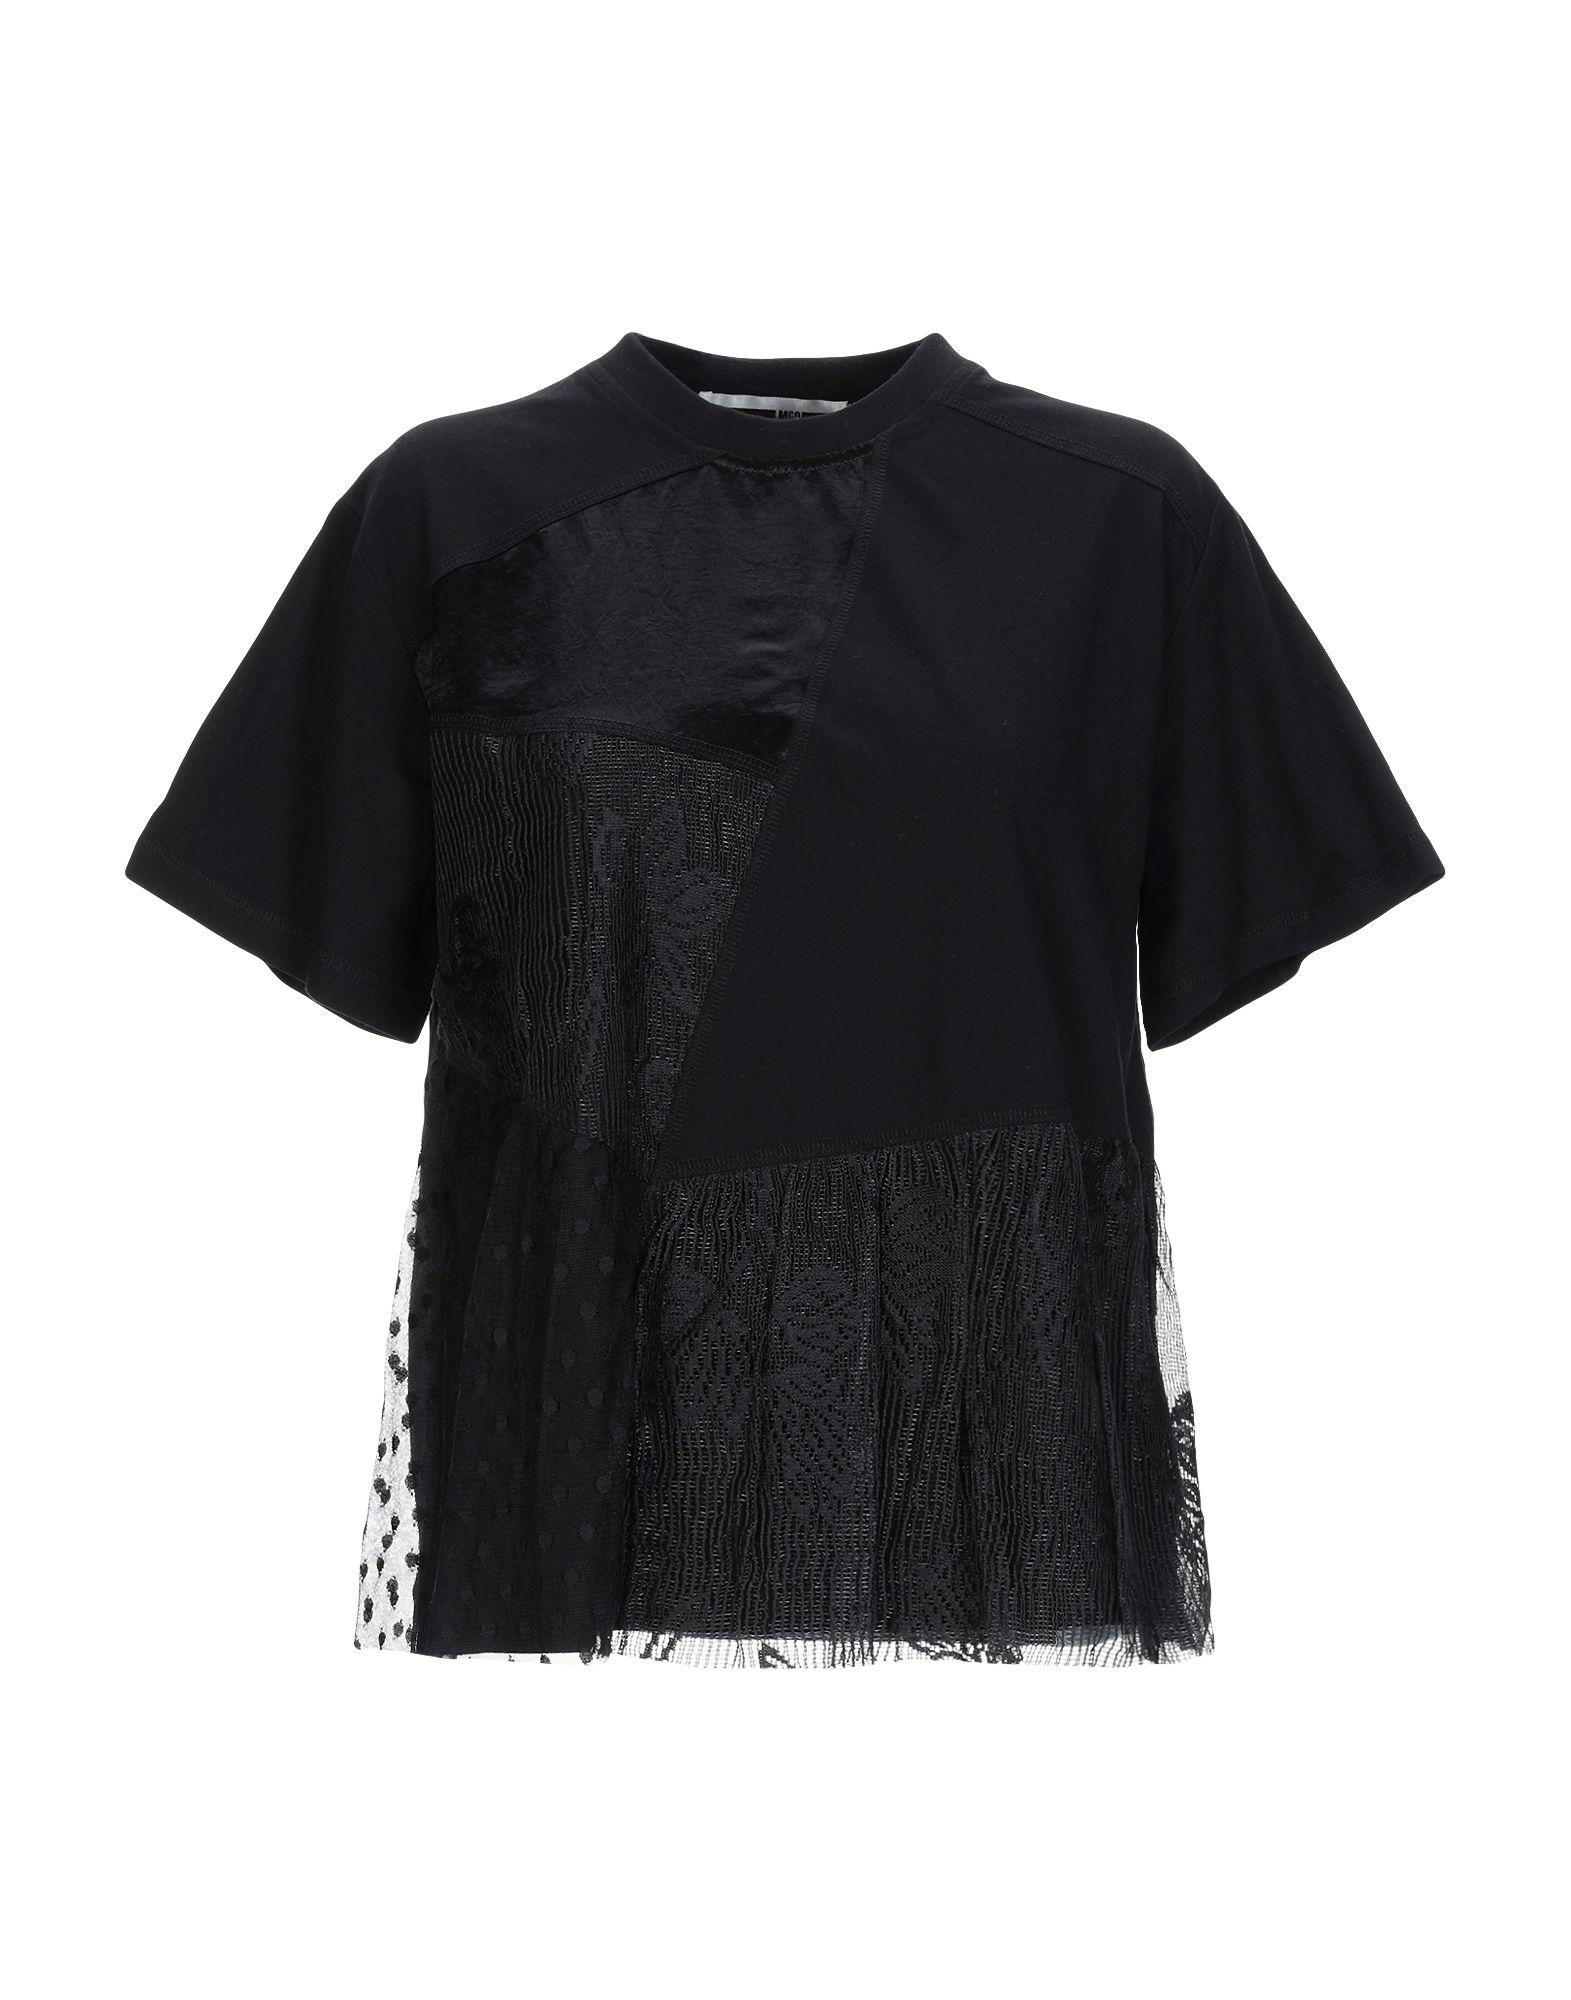 《送料無料》McQ Alexander McQueen レディース T シャツ ブラック XXS ナイロン 100% / ポリエステル / アセテート / コットン / ポリウレタン